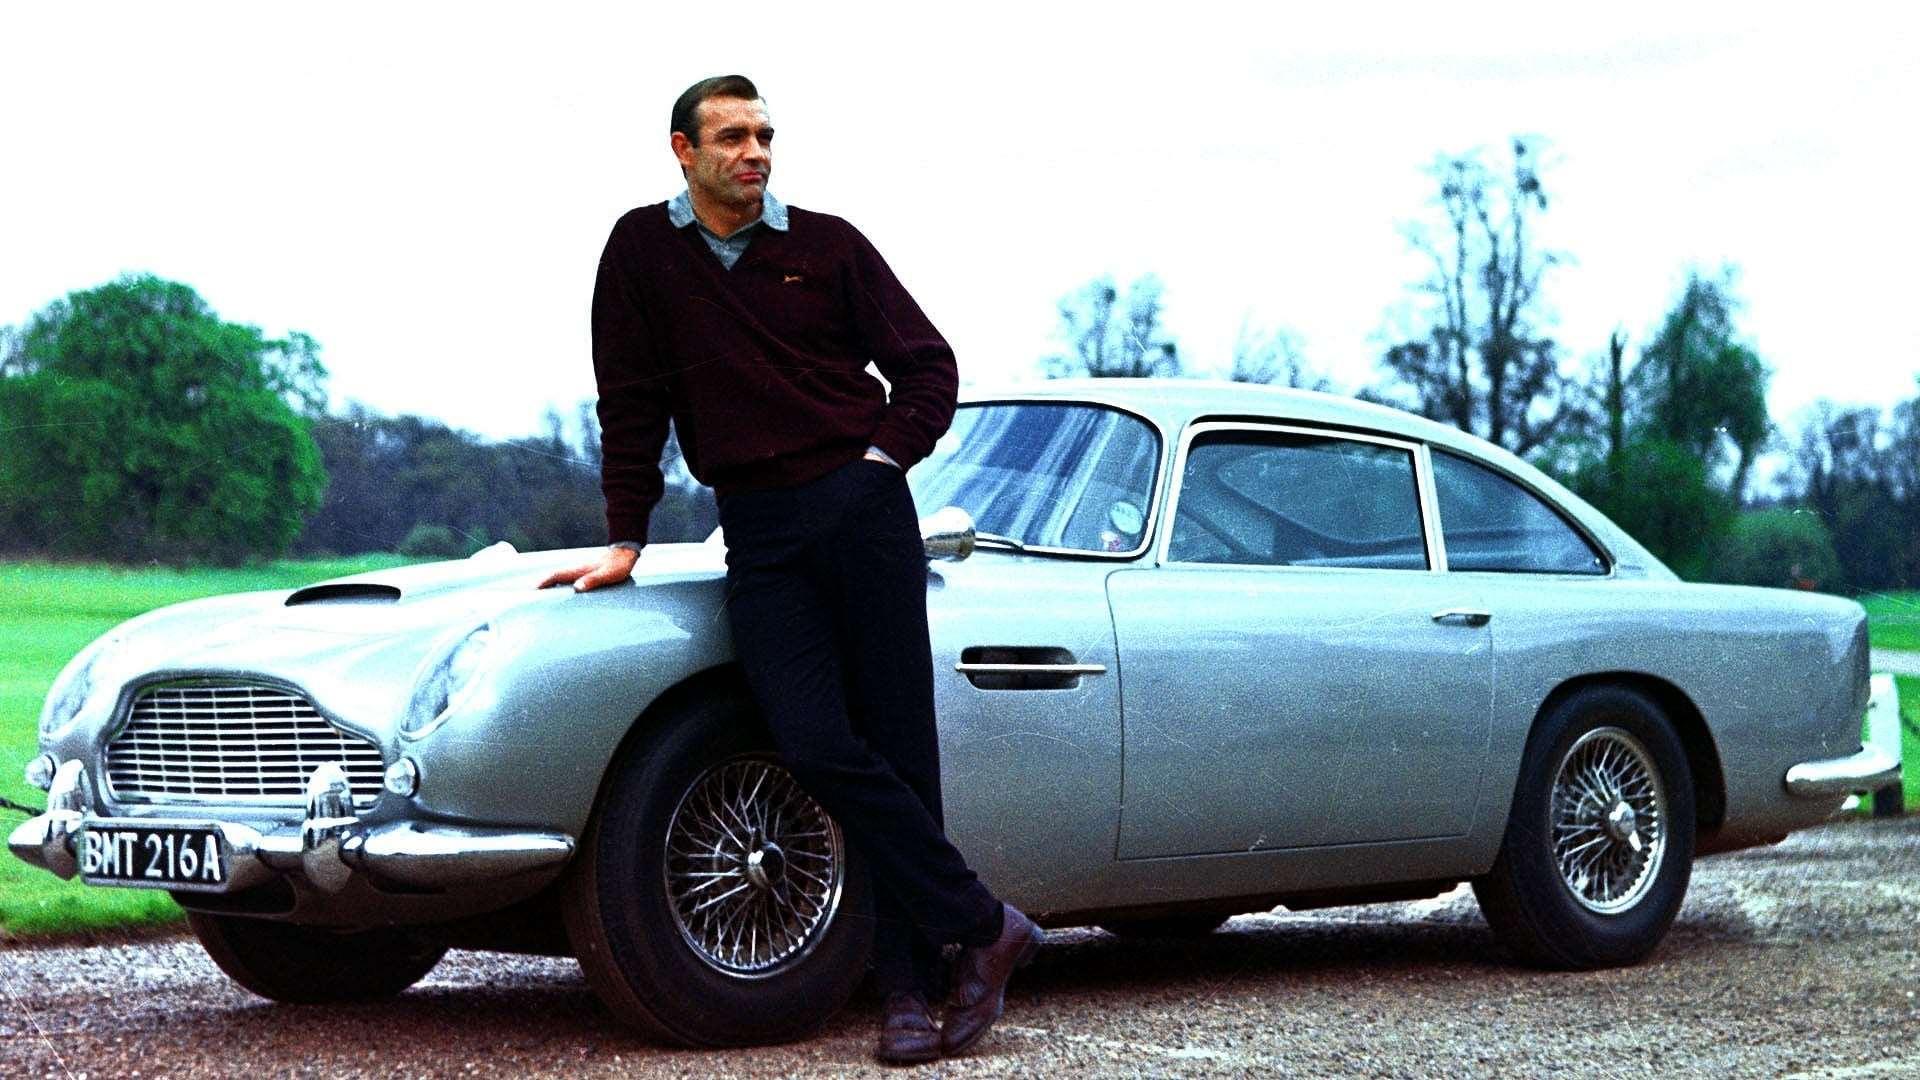 Aston Martin sta producendo una replica della DB5 guidata da James Bond in Goldfinger, con tutti i gadget inclusi